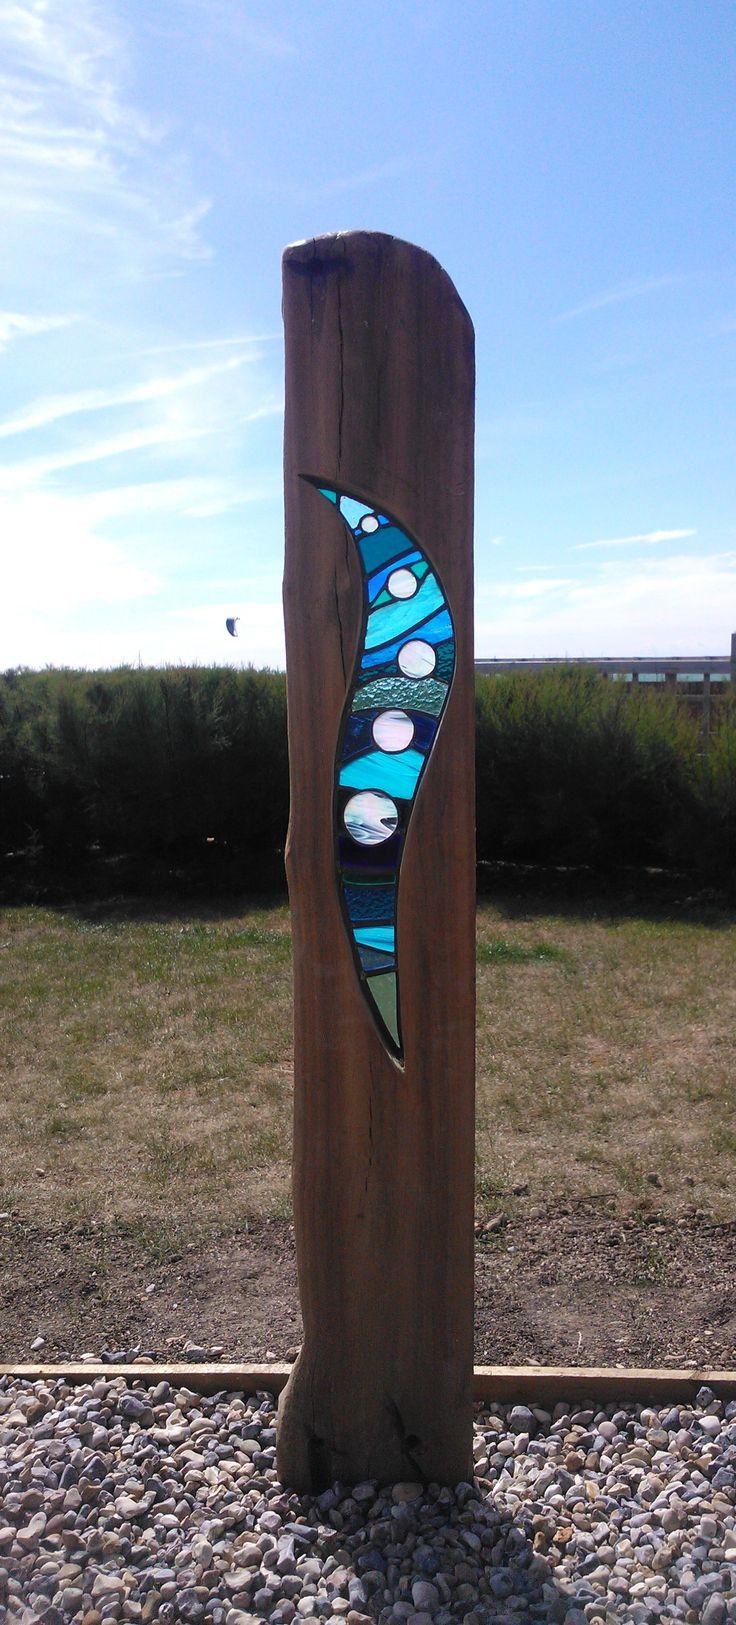 'Neptune' in Seaford, UK